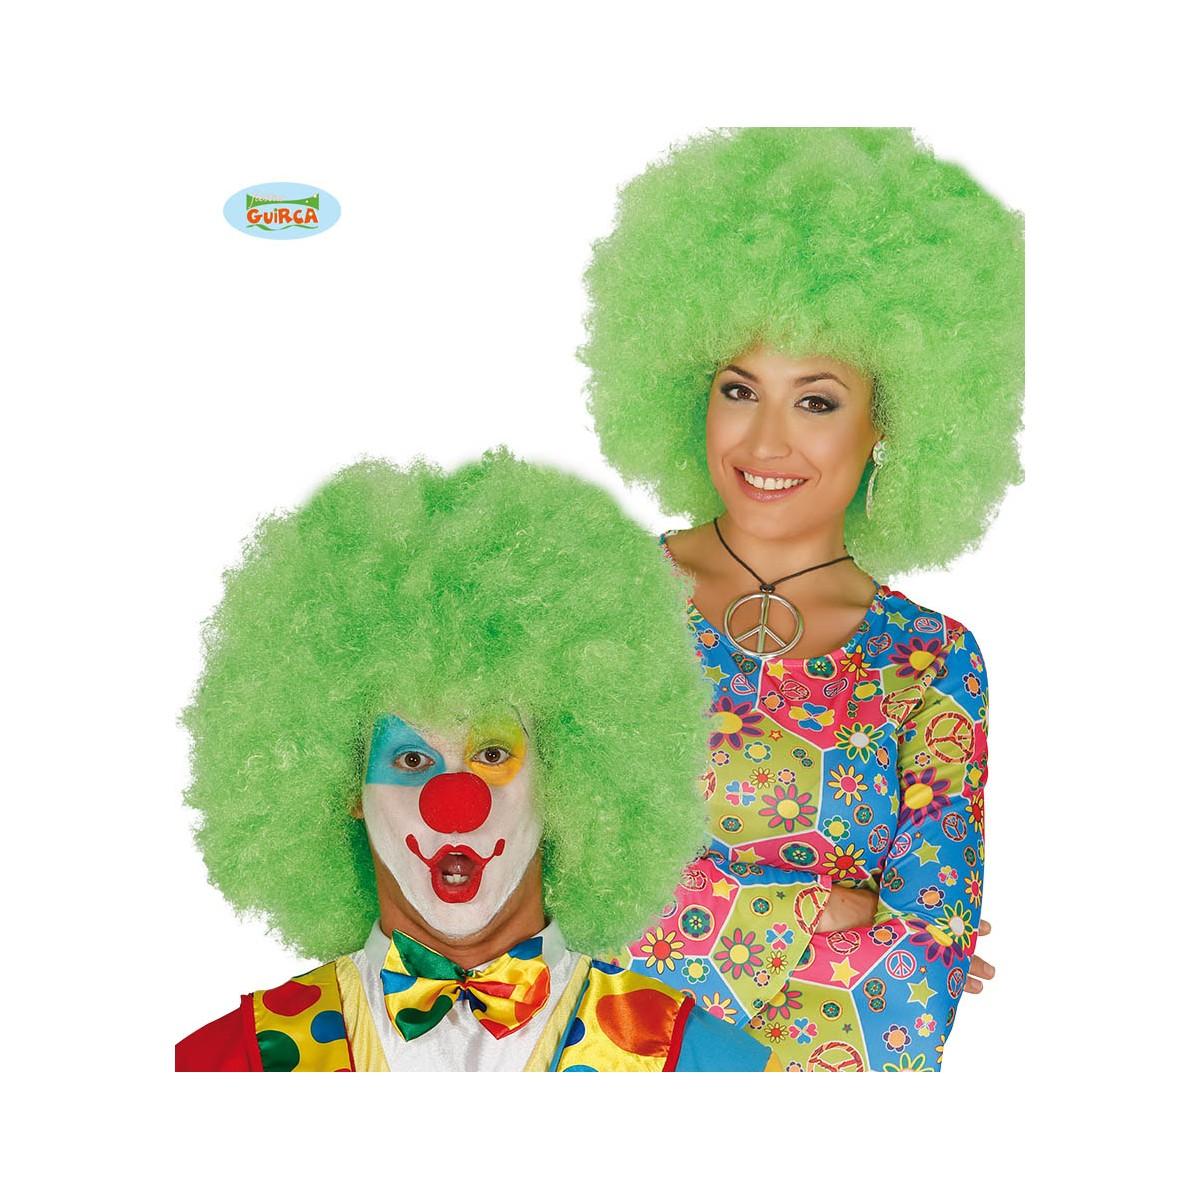 Maxi parrucca riccia color